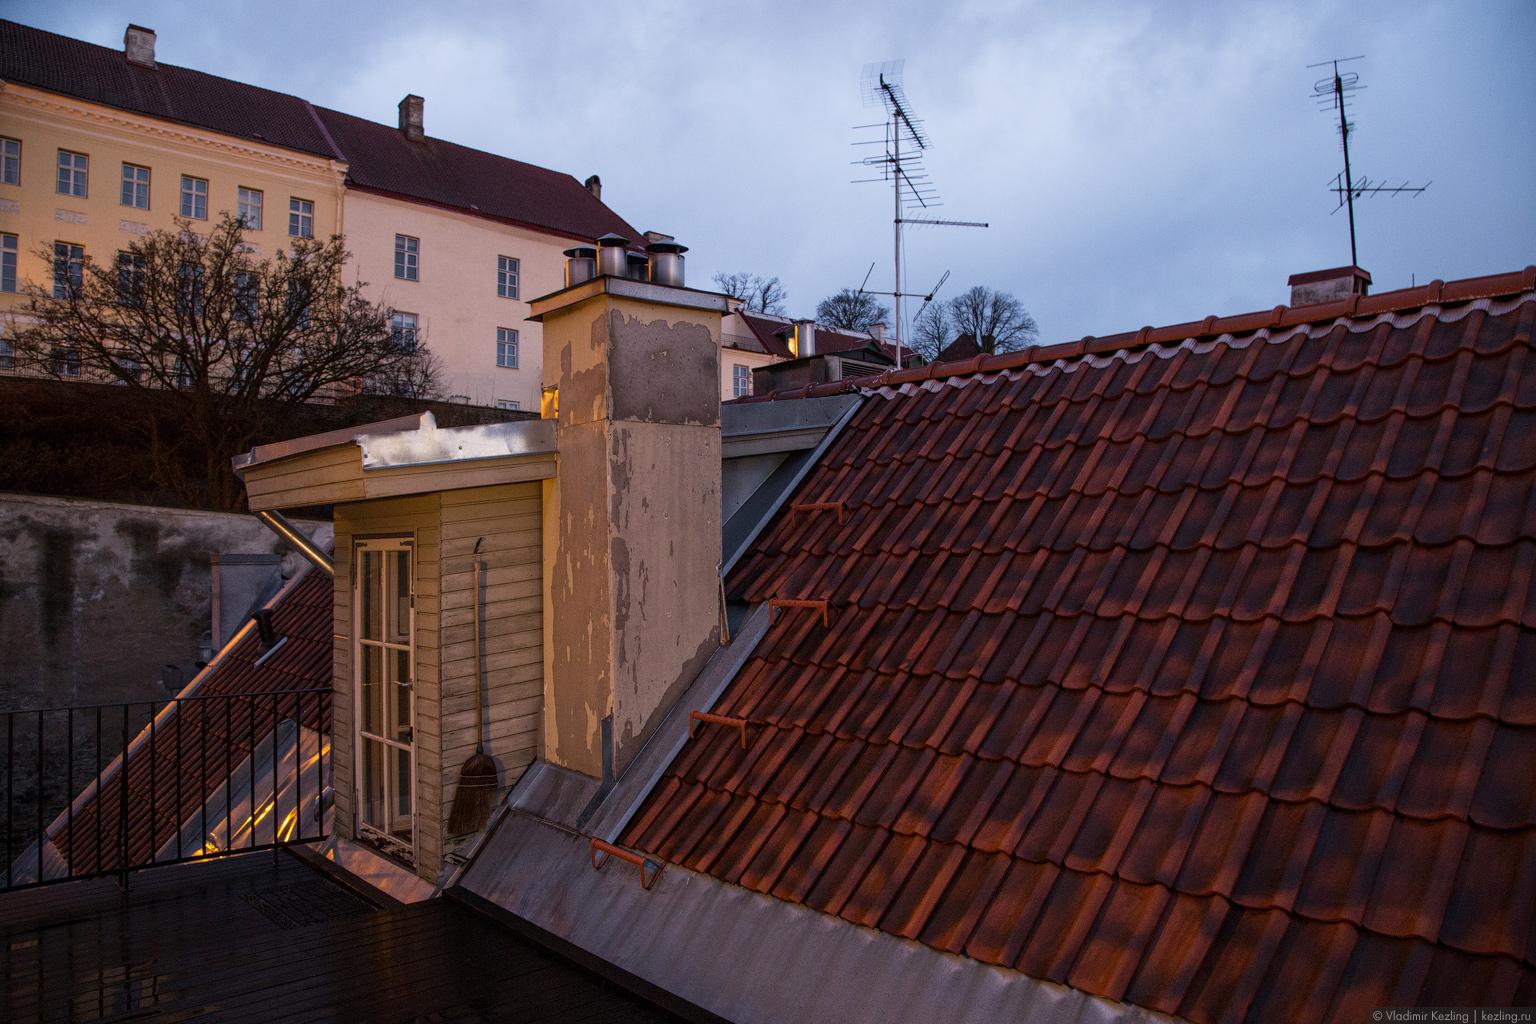 Таллин перед Рождеством 2013: подземные ходы бастионов, музей оккупаций и коротко о погоде